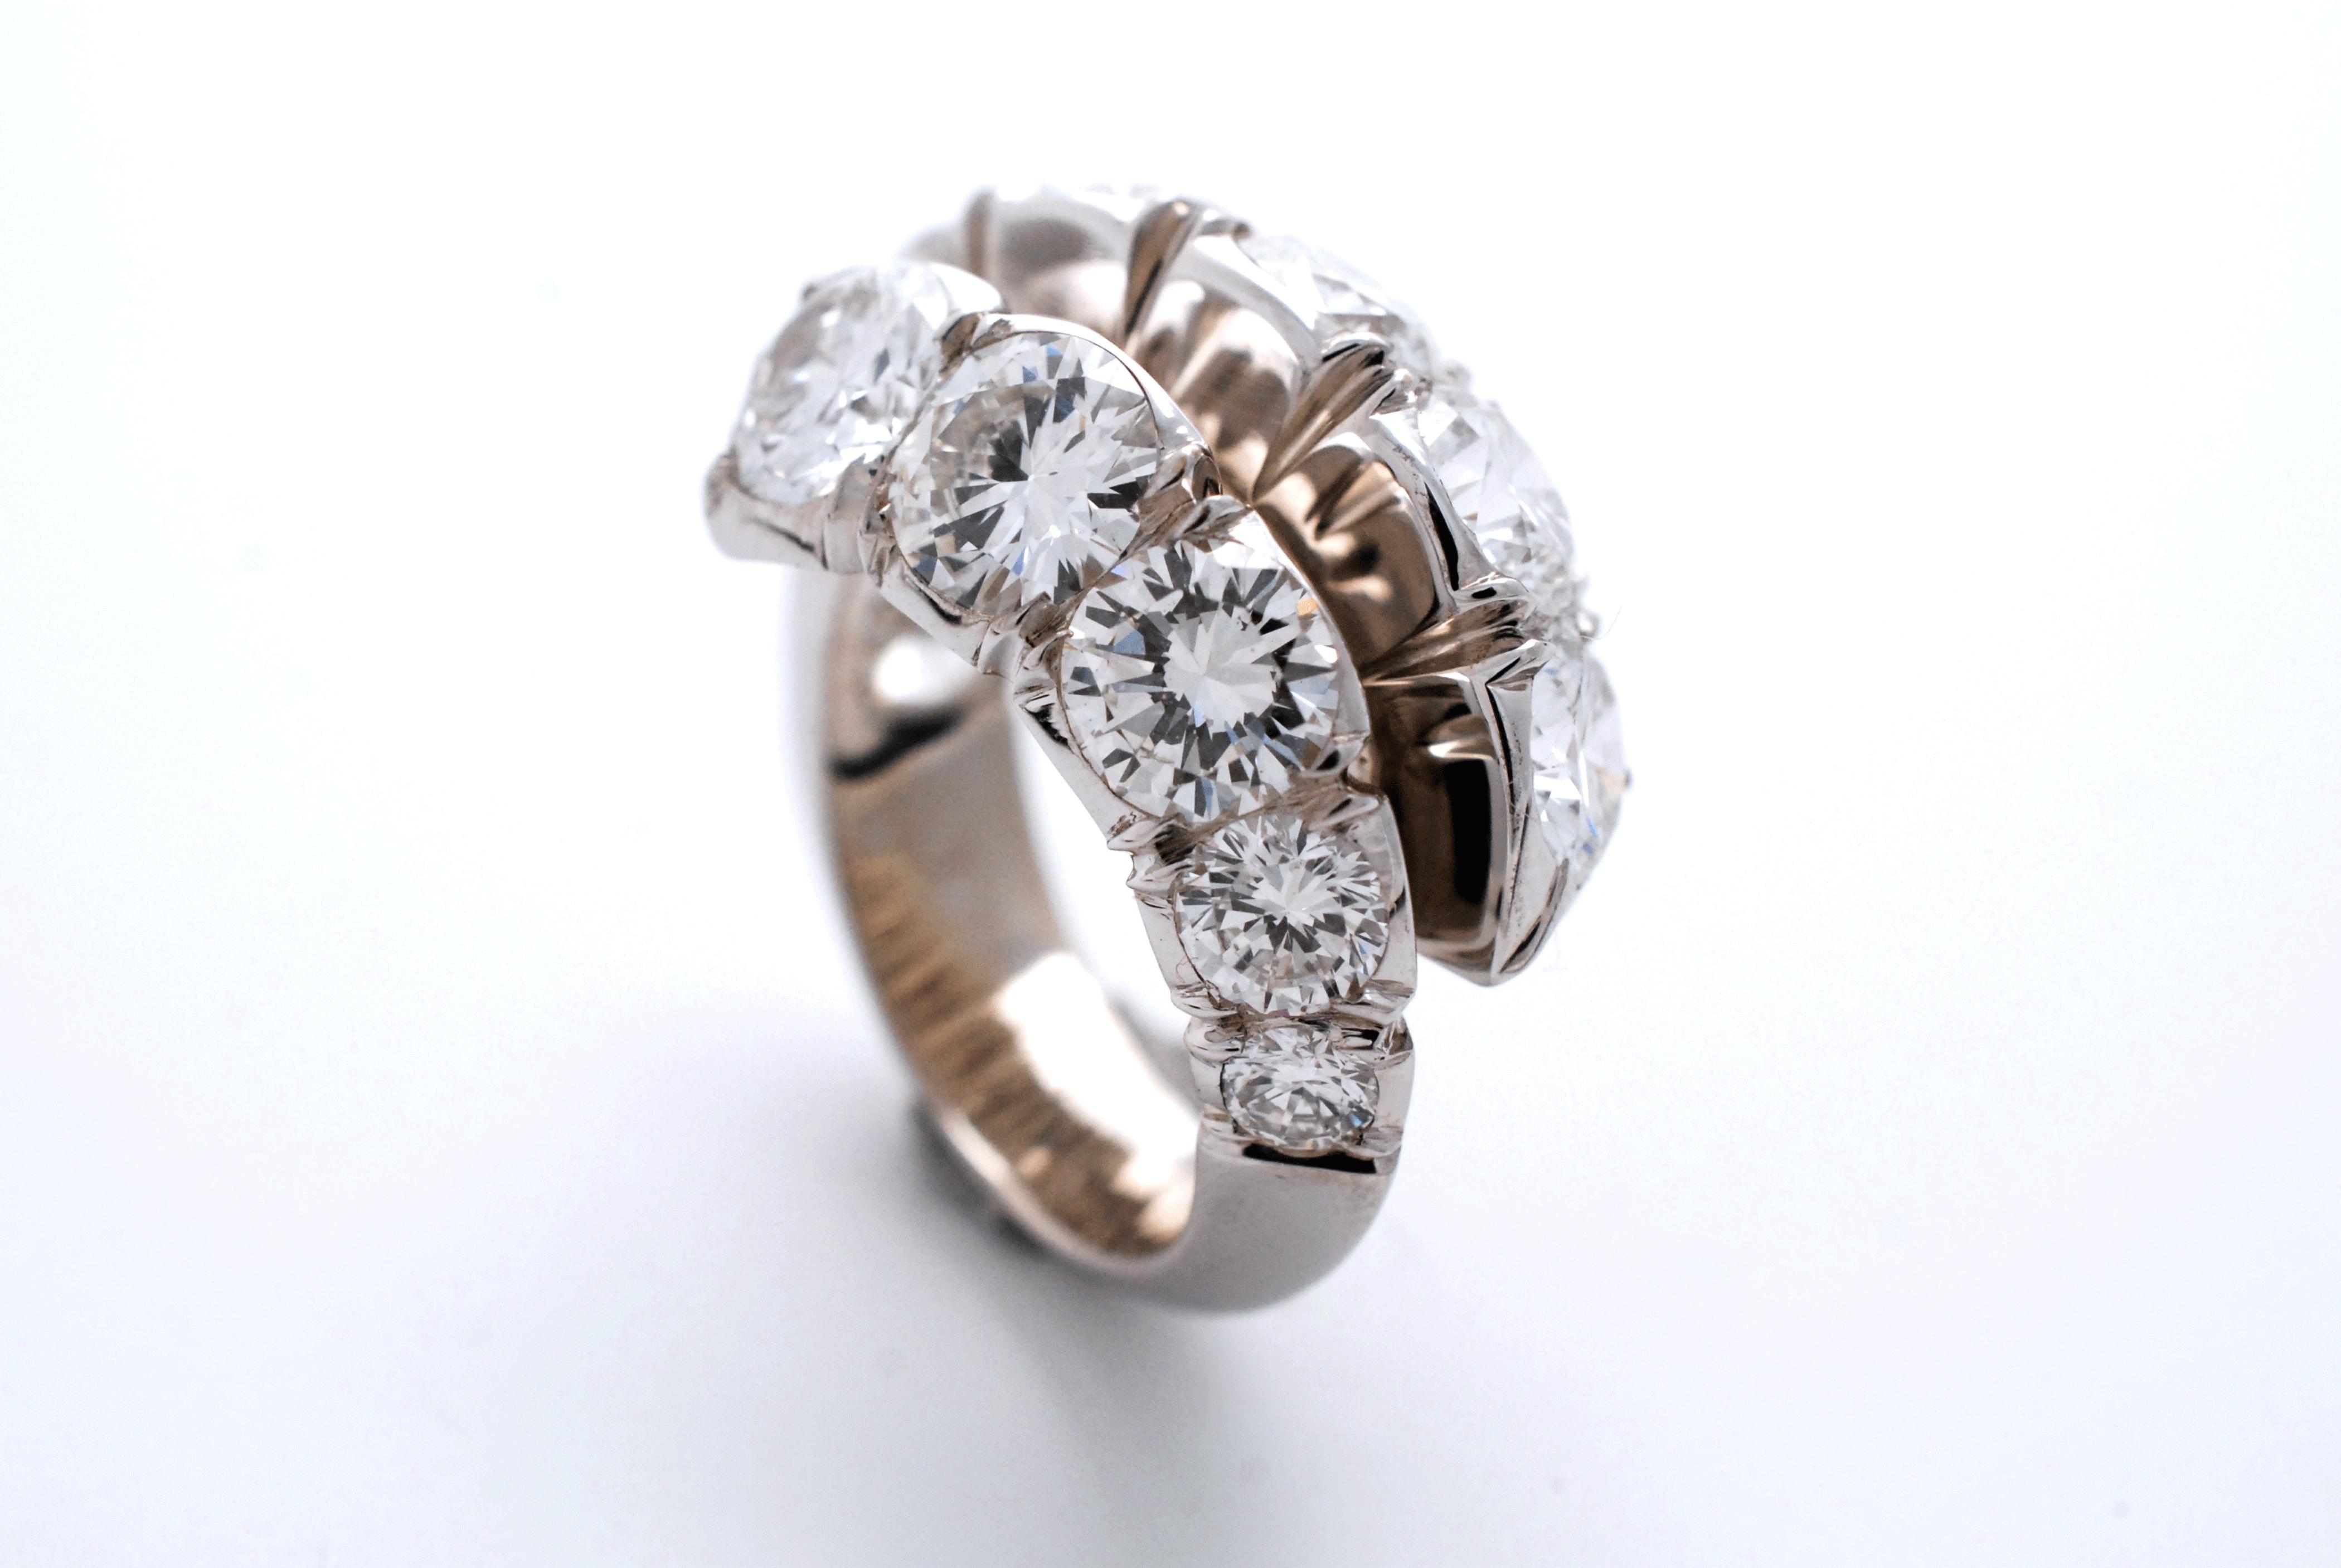 Bague ornée de diamants blanc